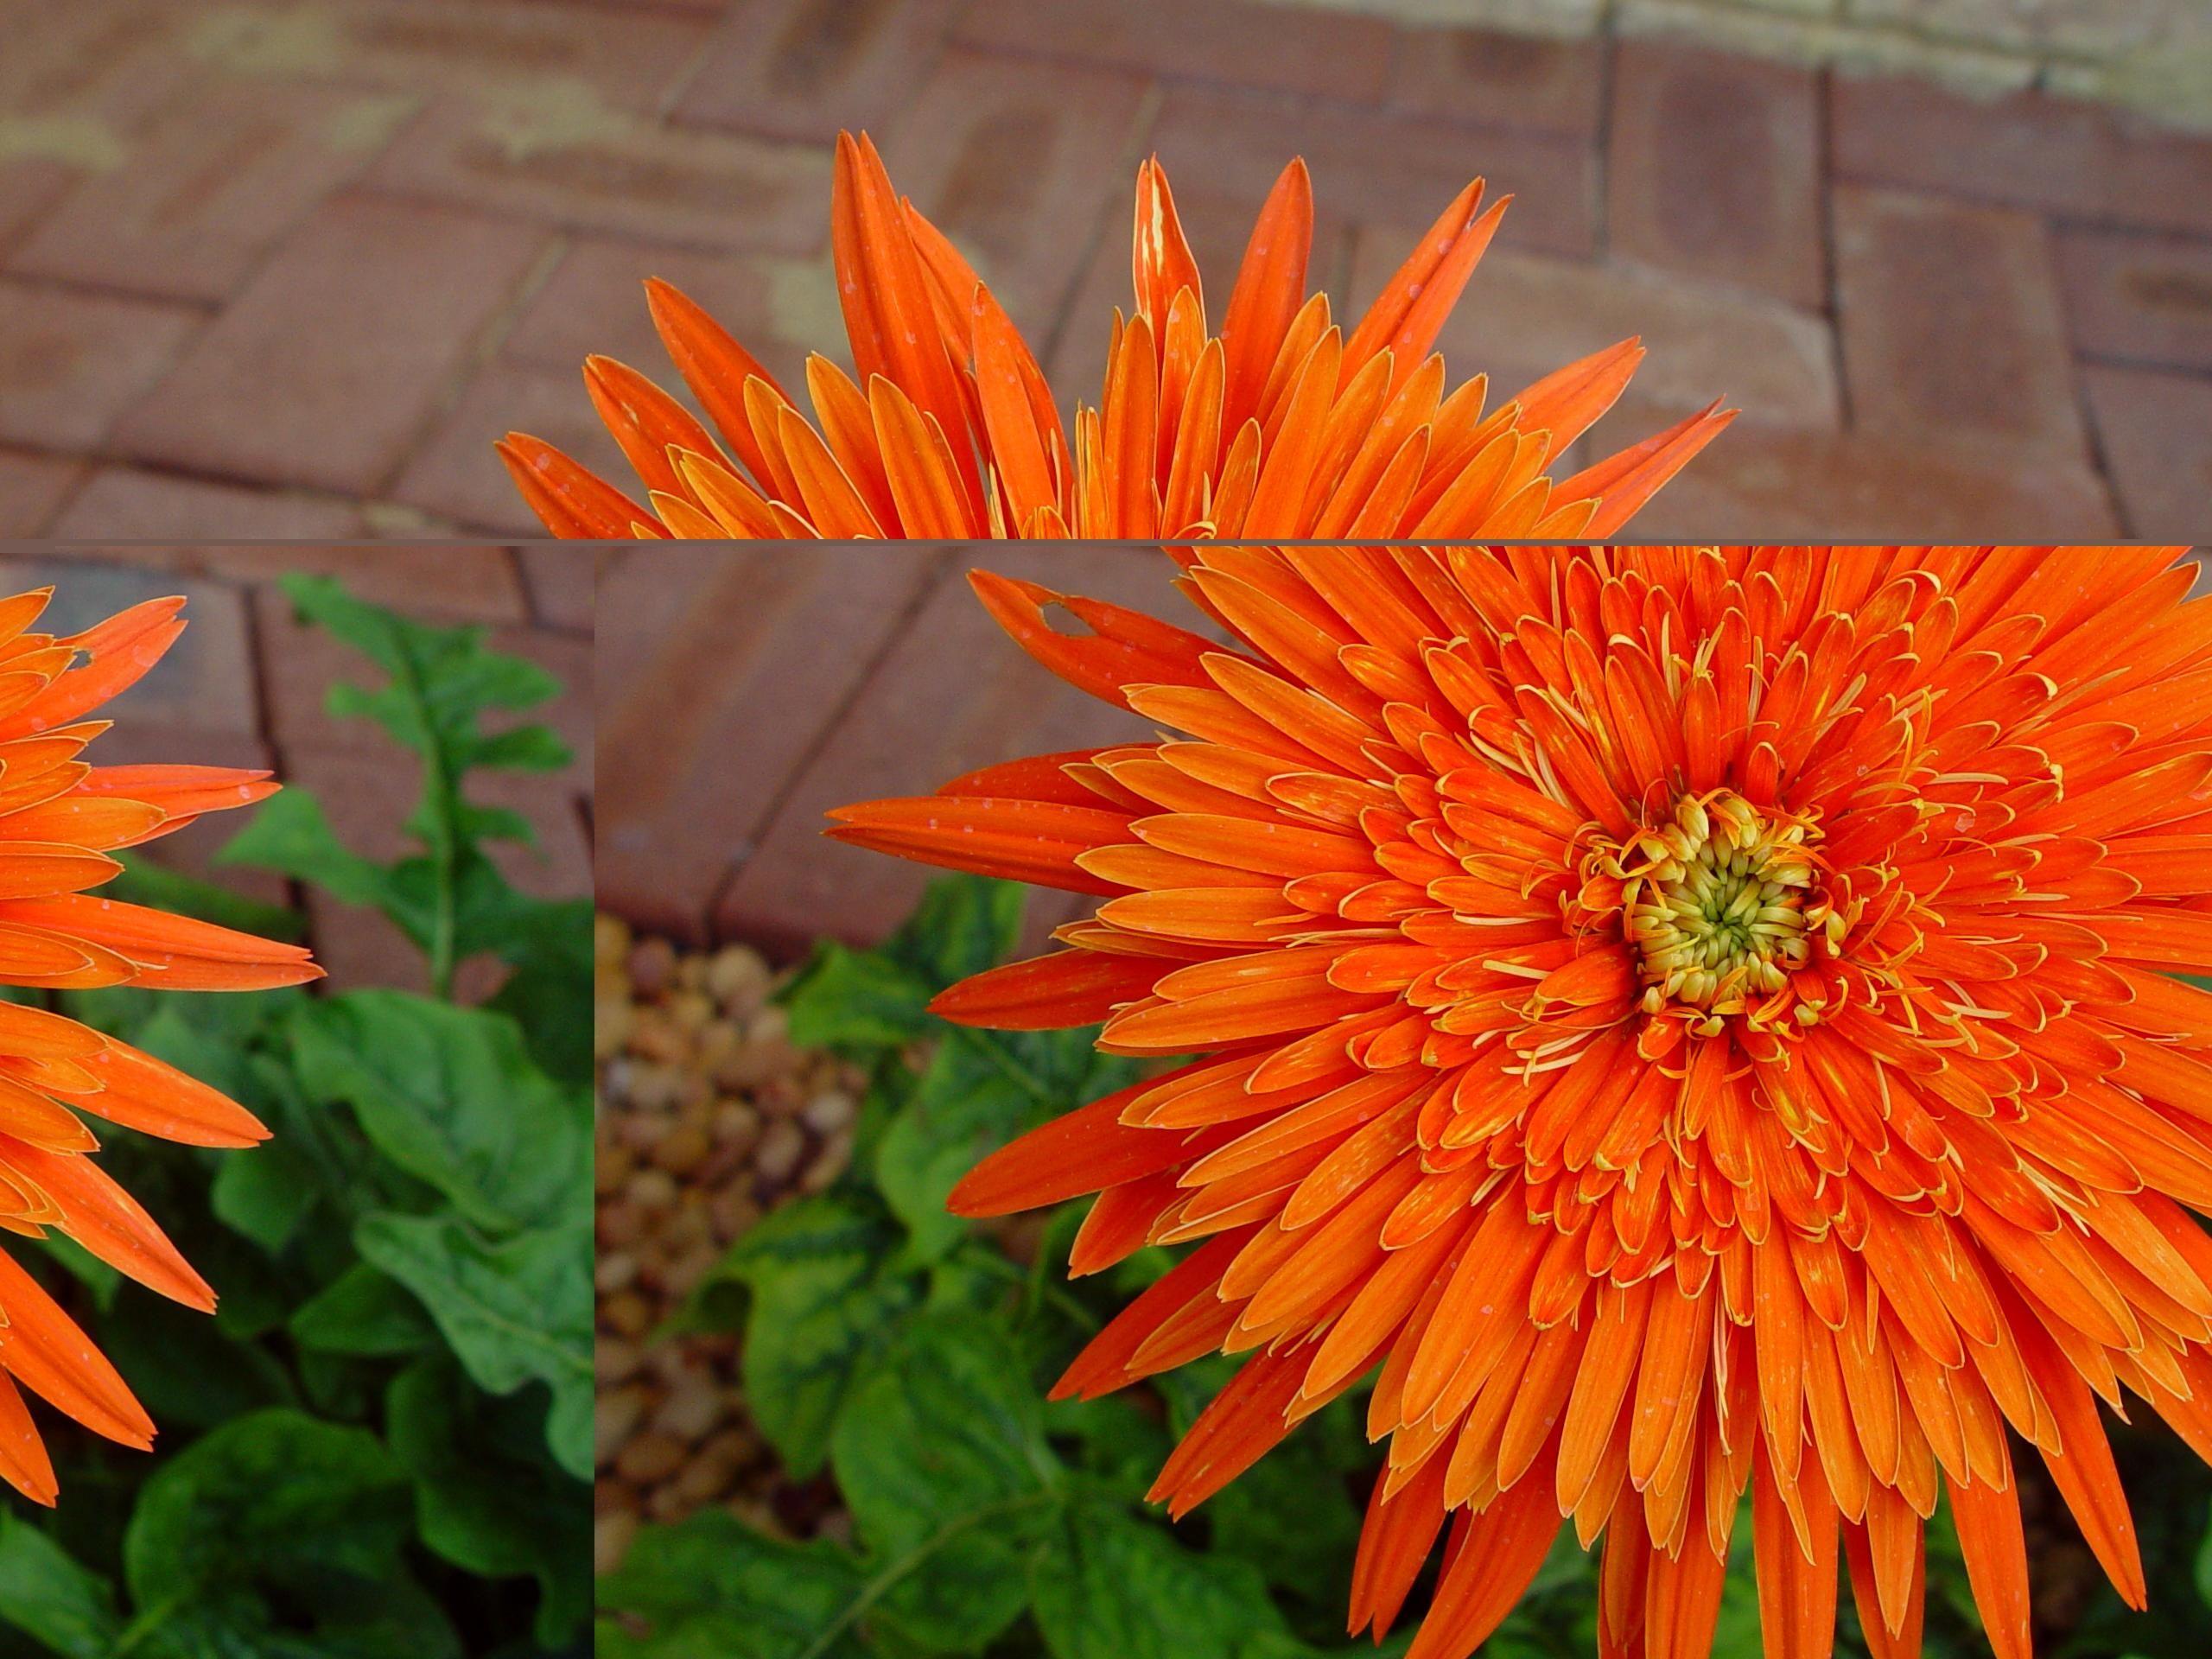 Free picture bright orange flower bright orange flower izmirmasajfo